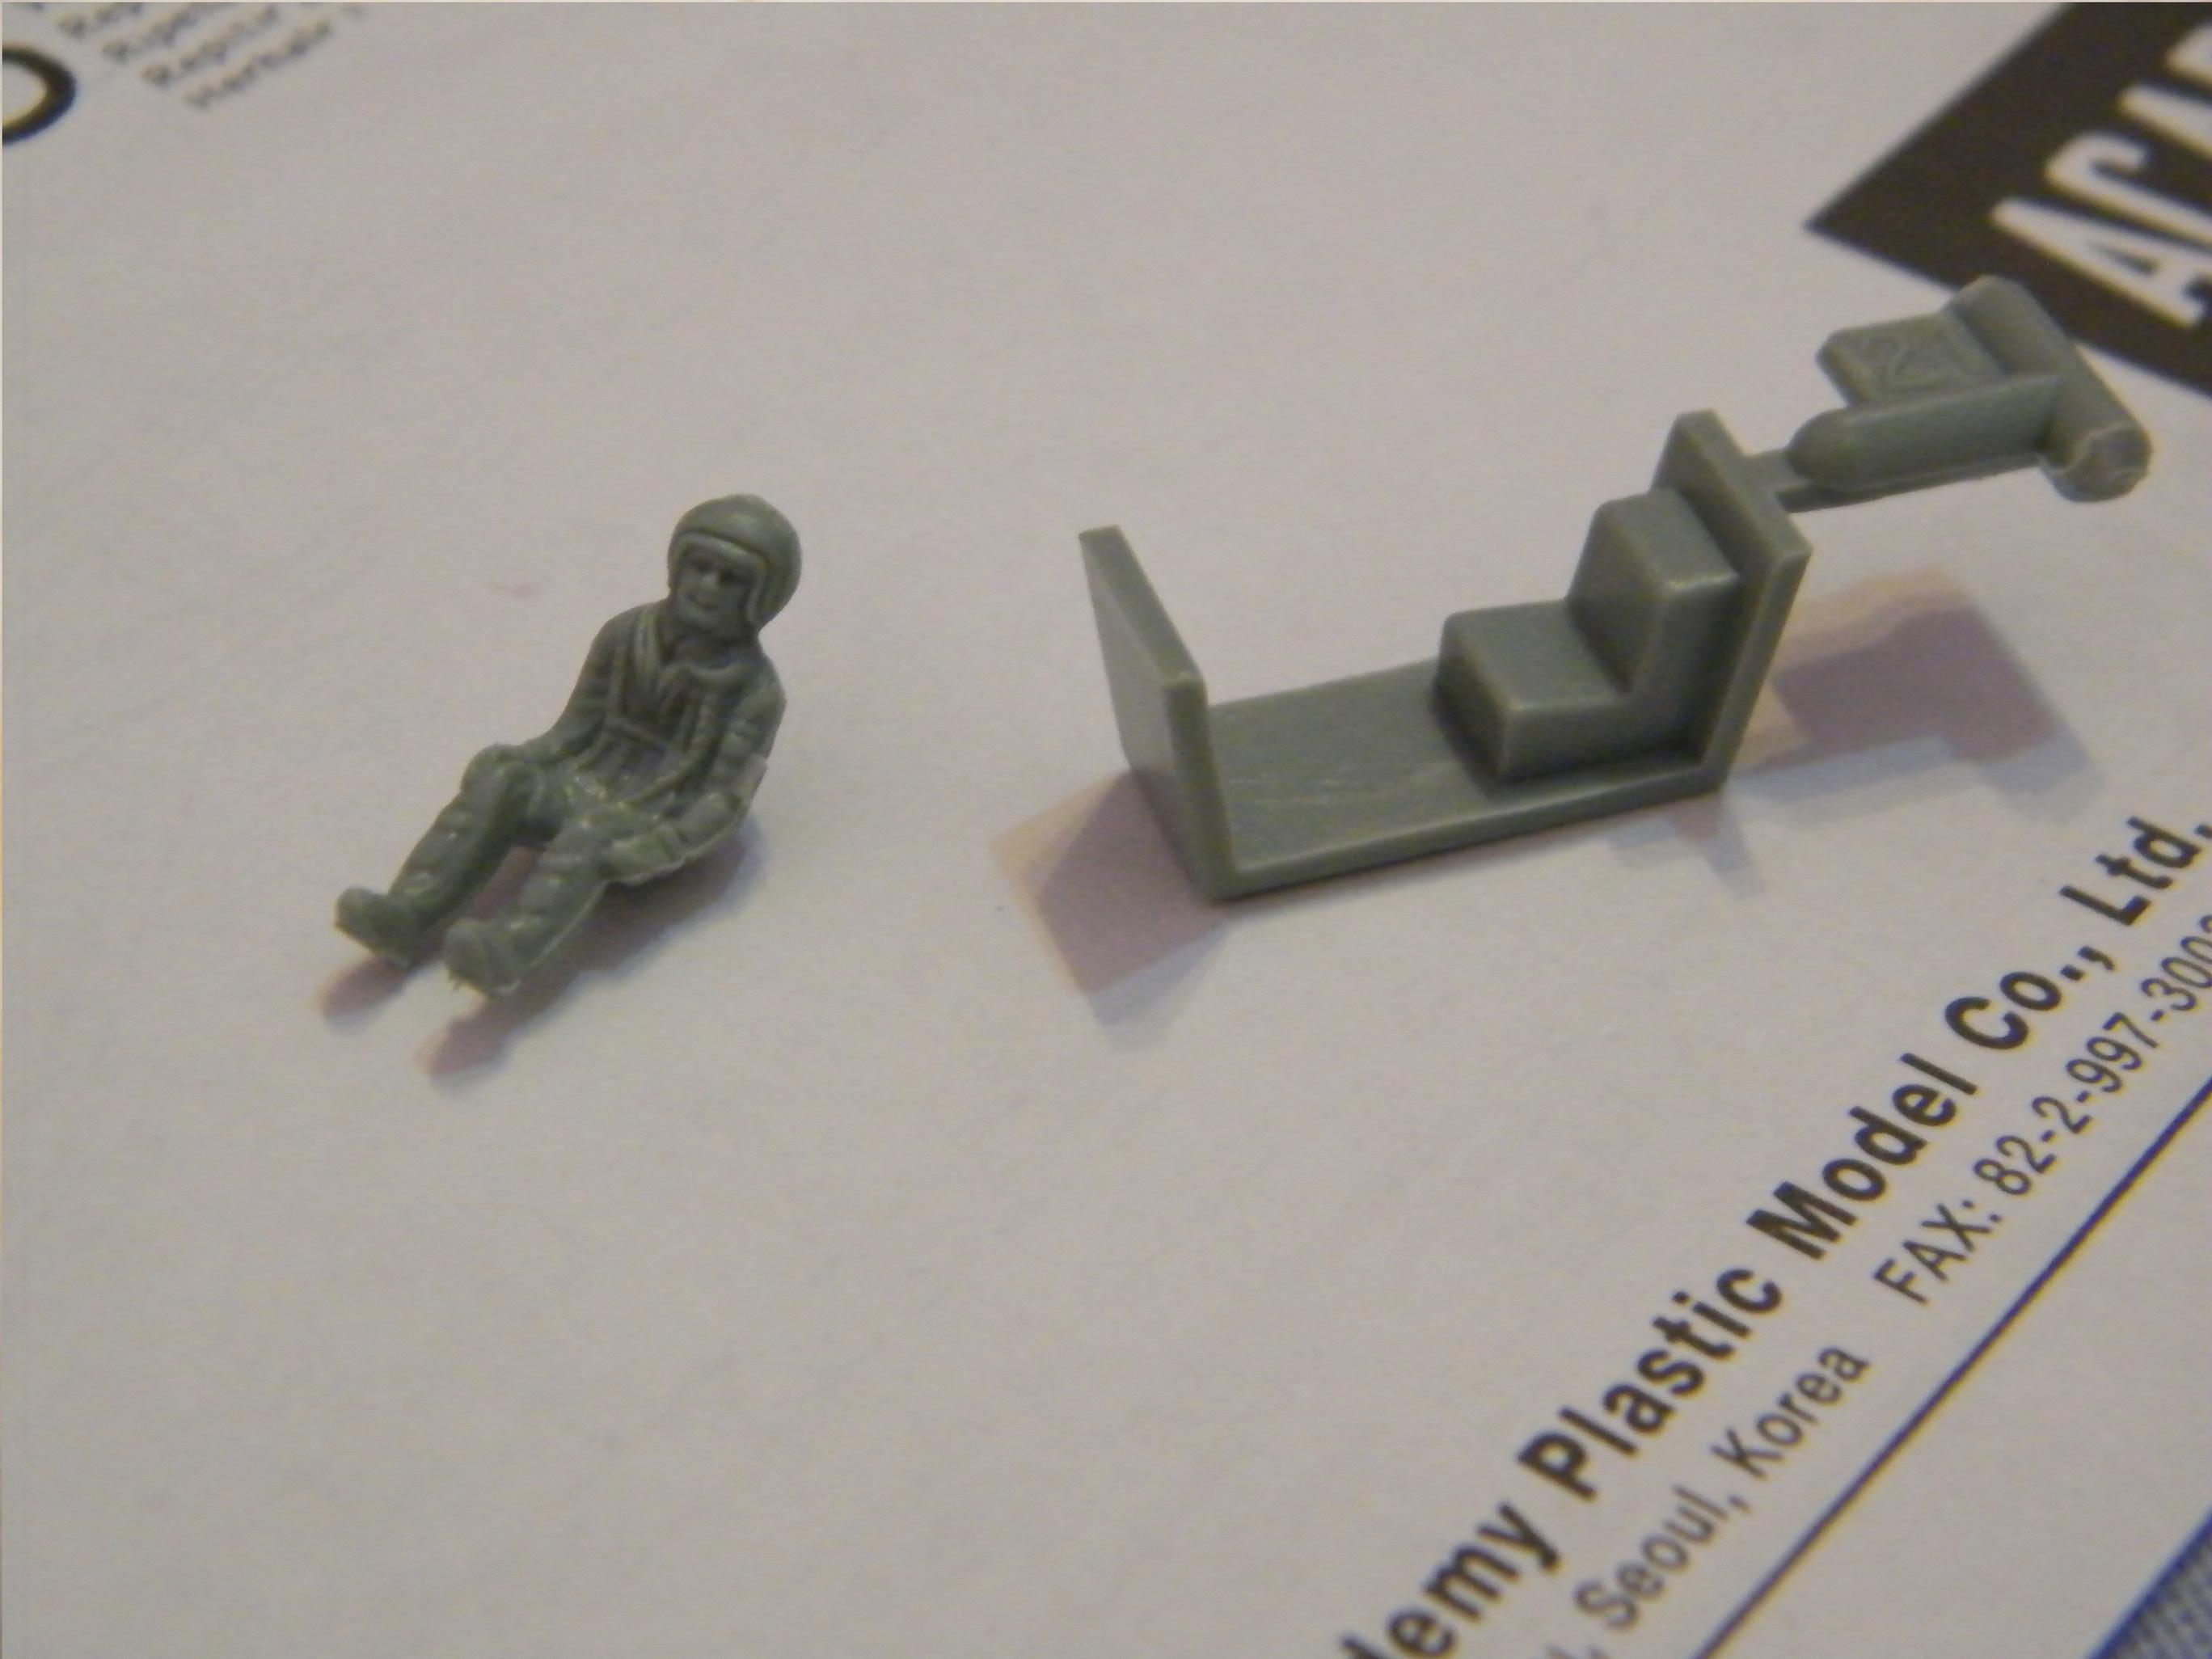 Las piezas del piloto y la cabina de la maqueta de Mig-21 de Hasegawa